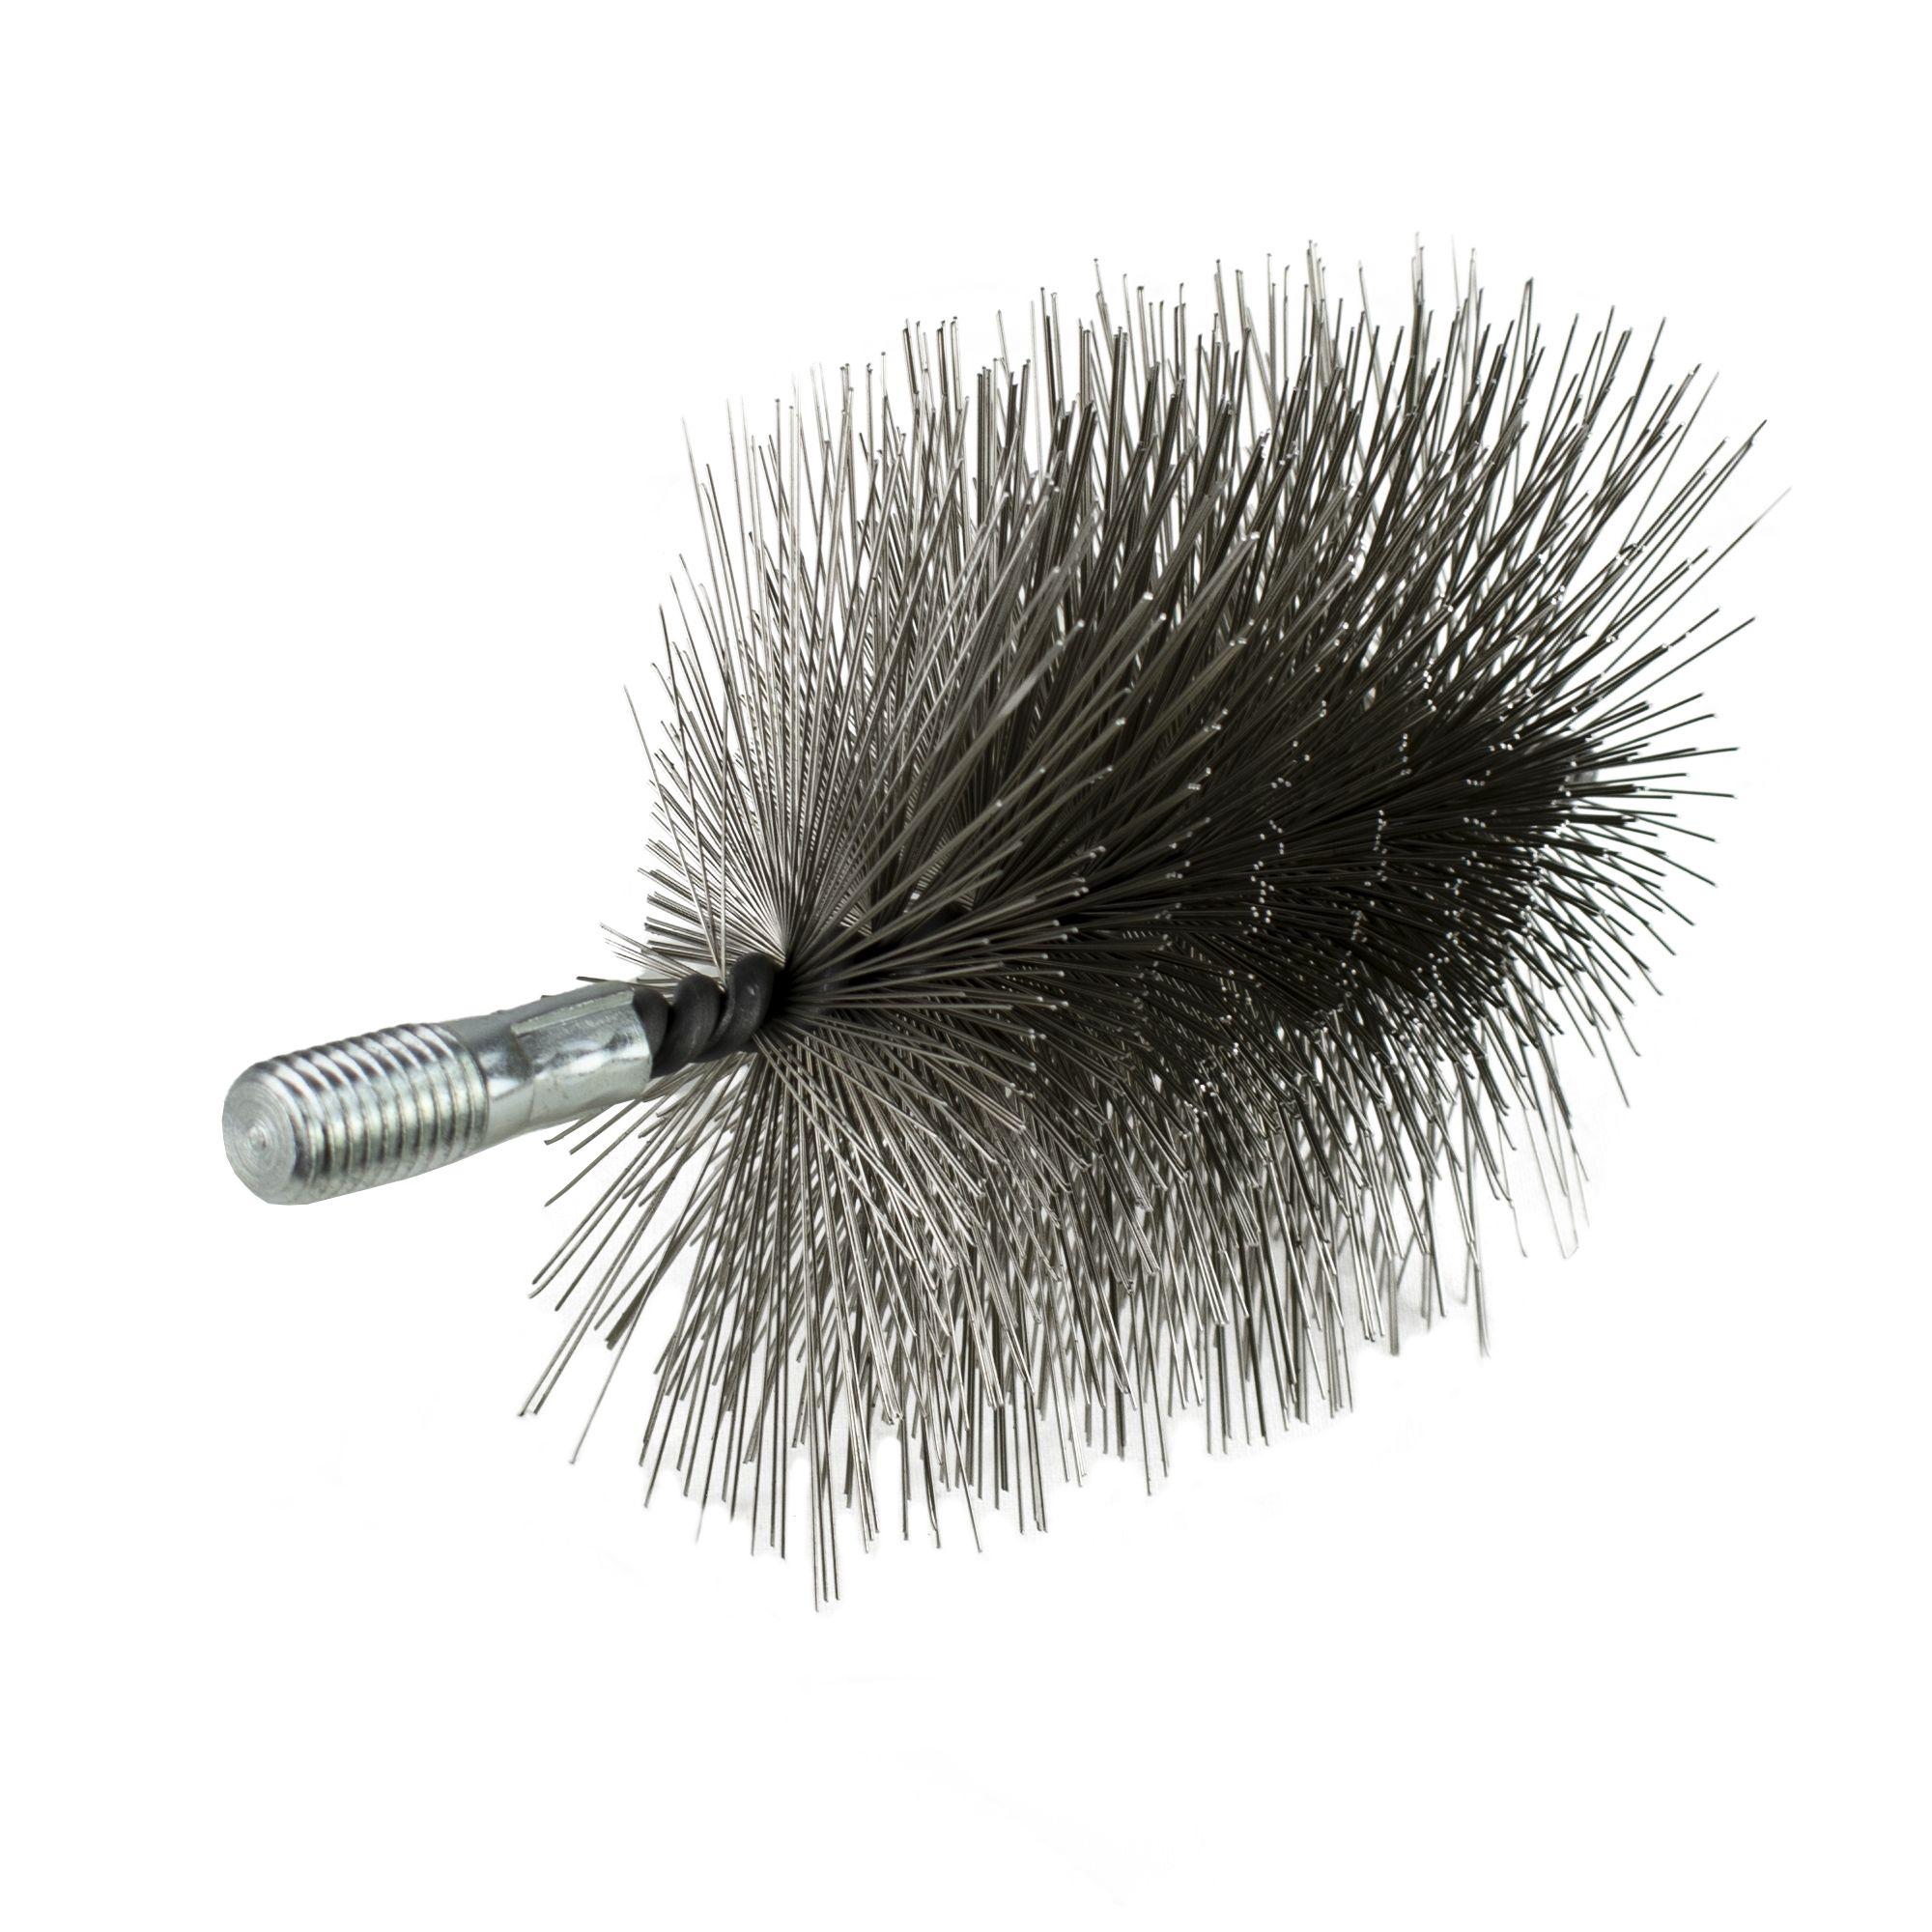 Komínový kartáč hranatý, ocelový drát, rozměr 100 x 50mm